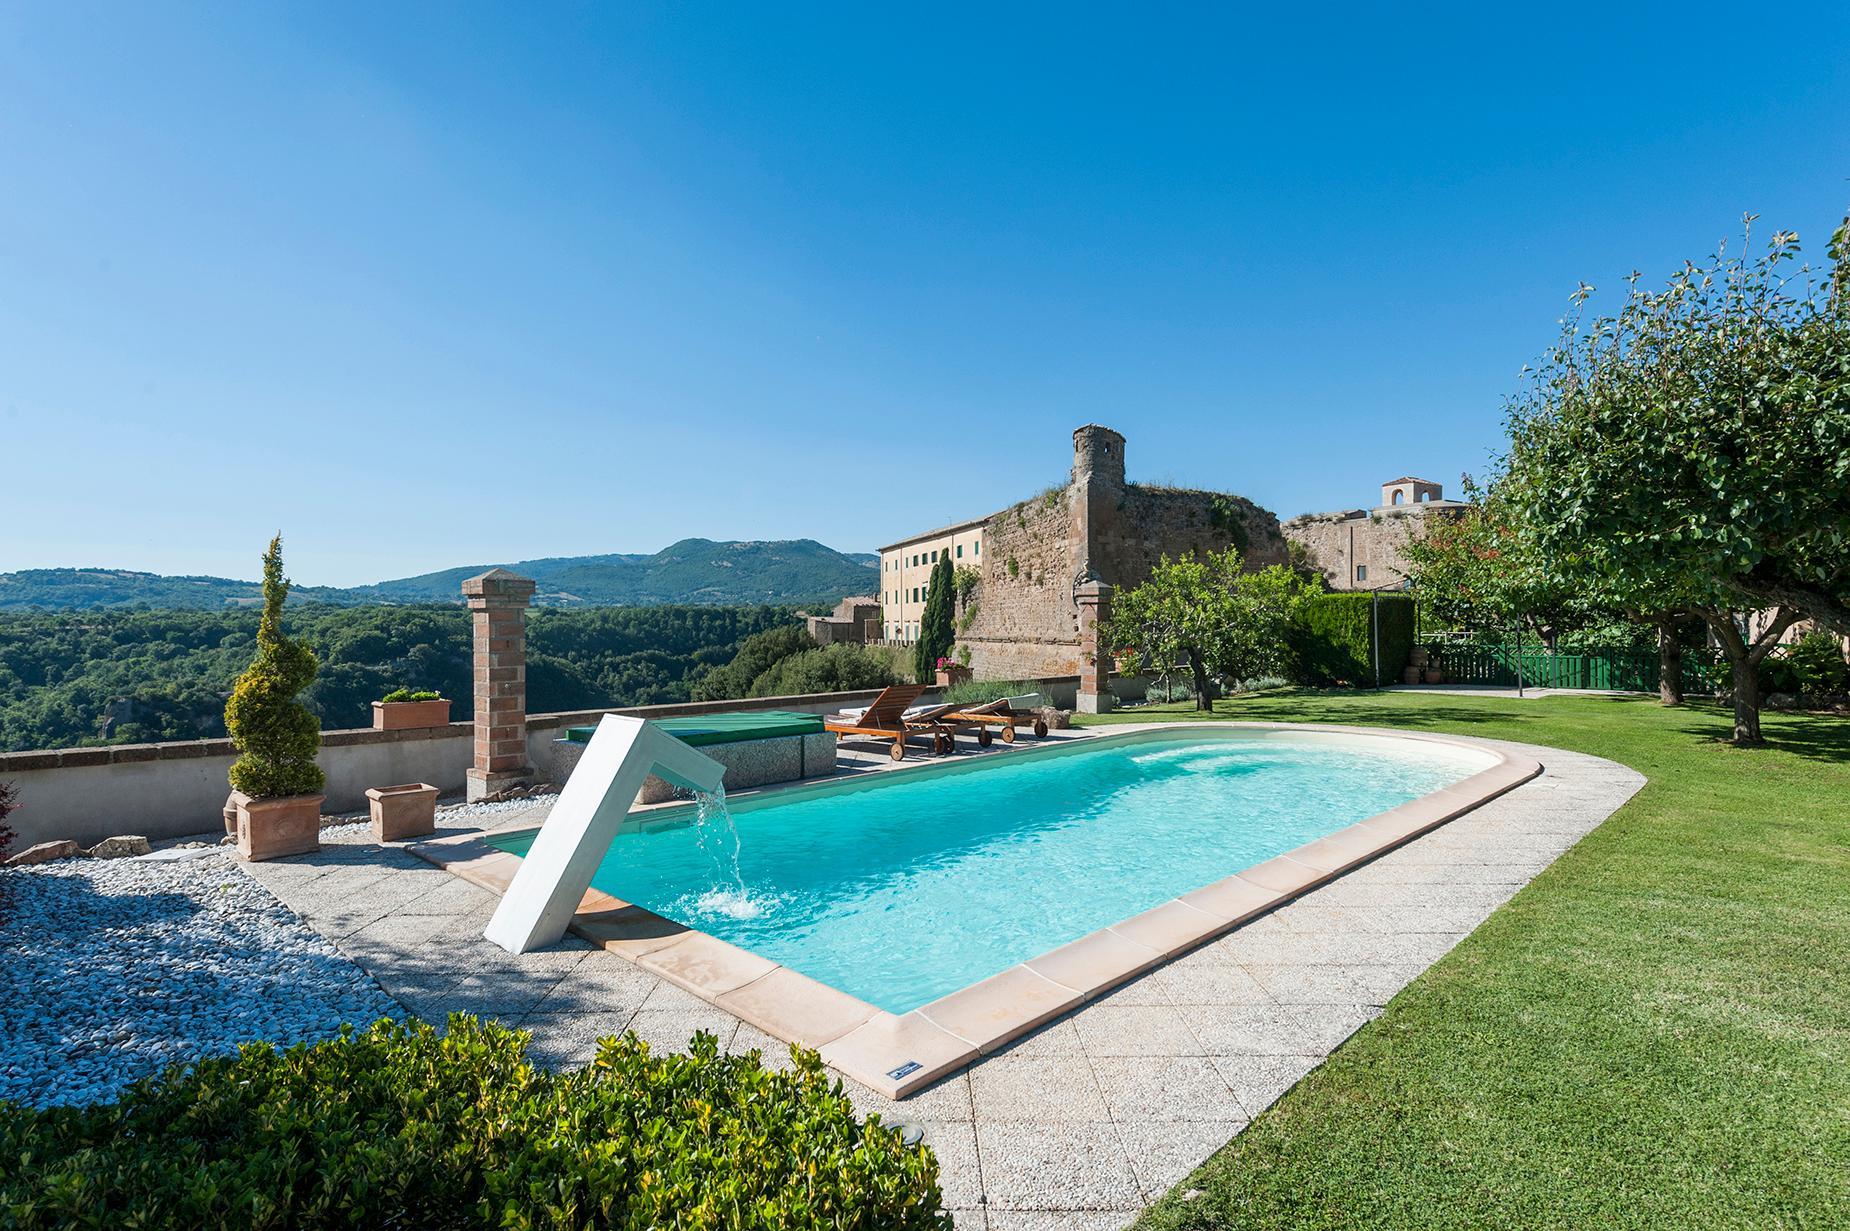 Résidence élégante dans la basse Maremme toscane - 11